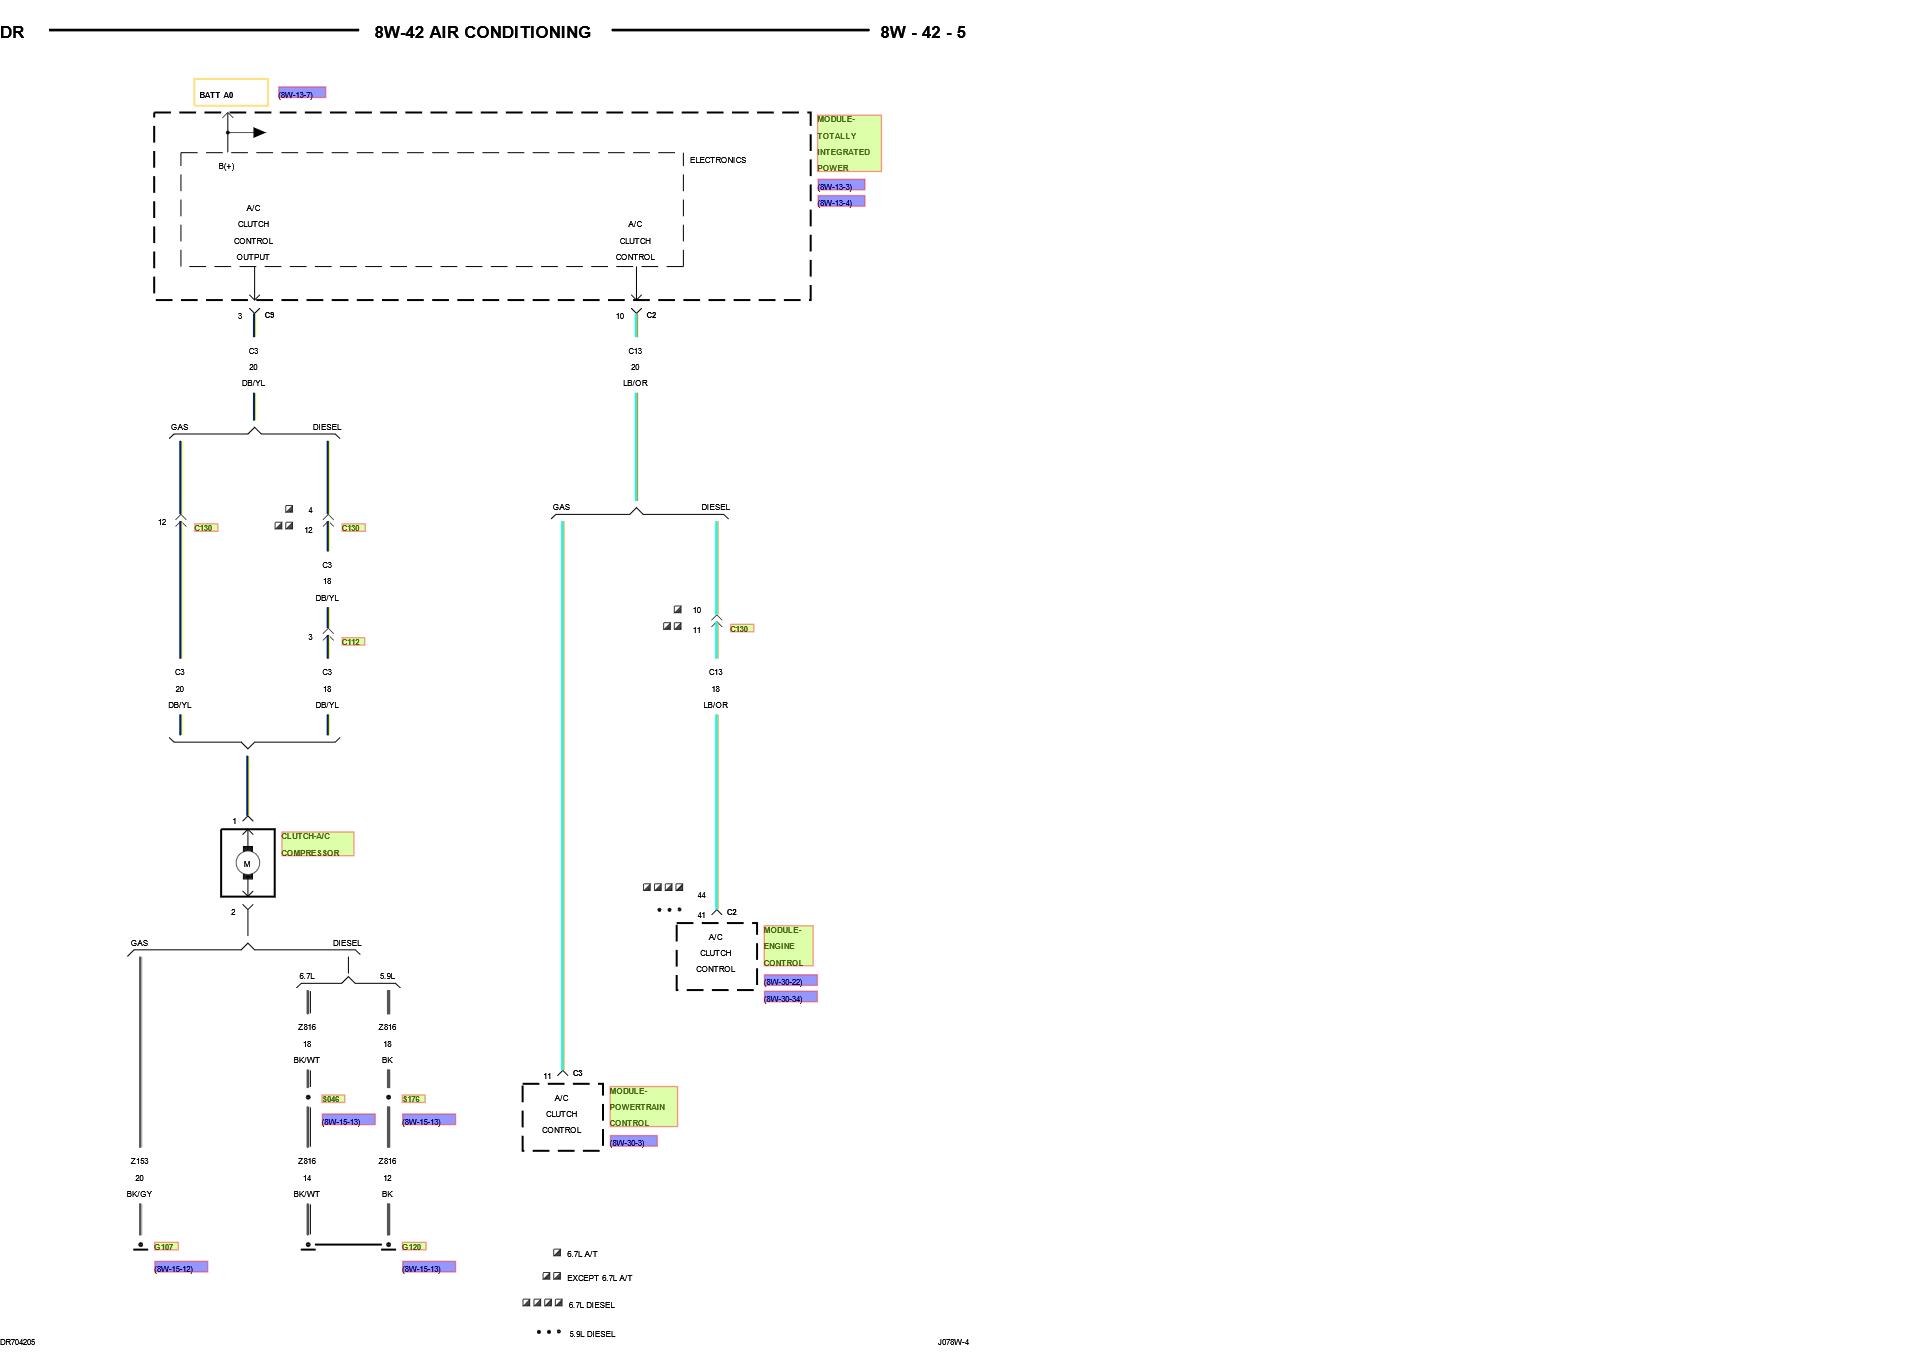 6bc16075-c2cb-48ab-9bda-73e27d98bf58_6.7 compressor clutch.png